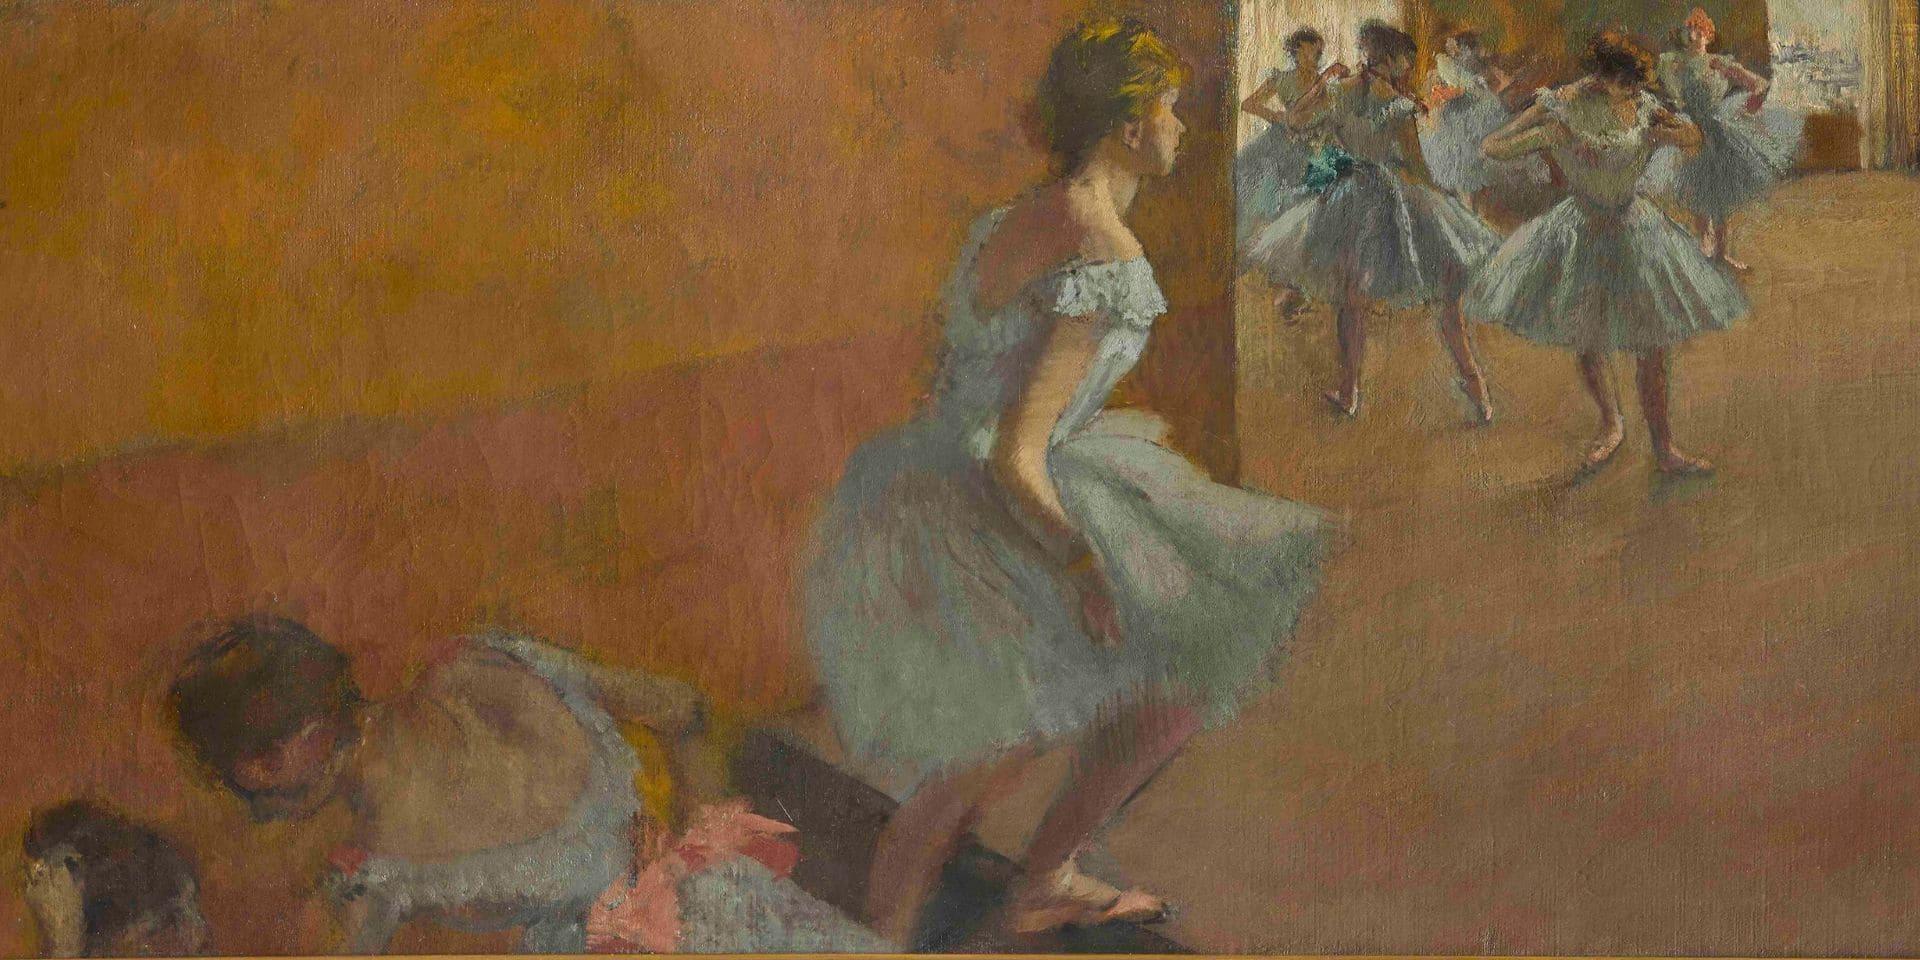 Edgar Degas (1834-1917): Danseuses montant un escalier, 1877. Huile sur toile, 39 x 89,5 cm. Paris, musée d'Orsay, RF 1979